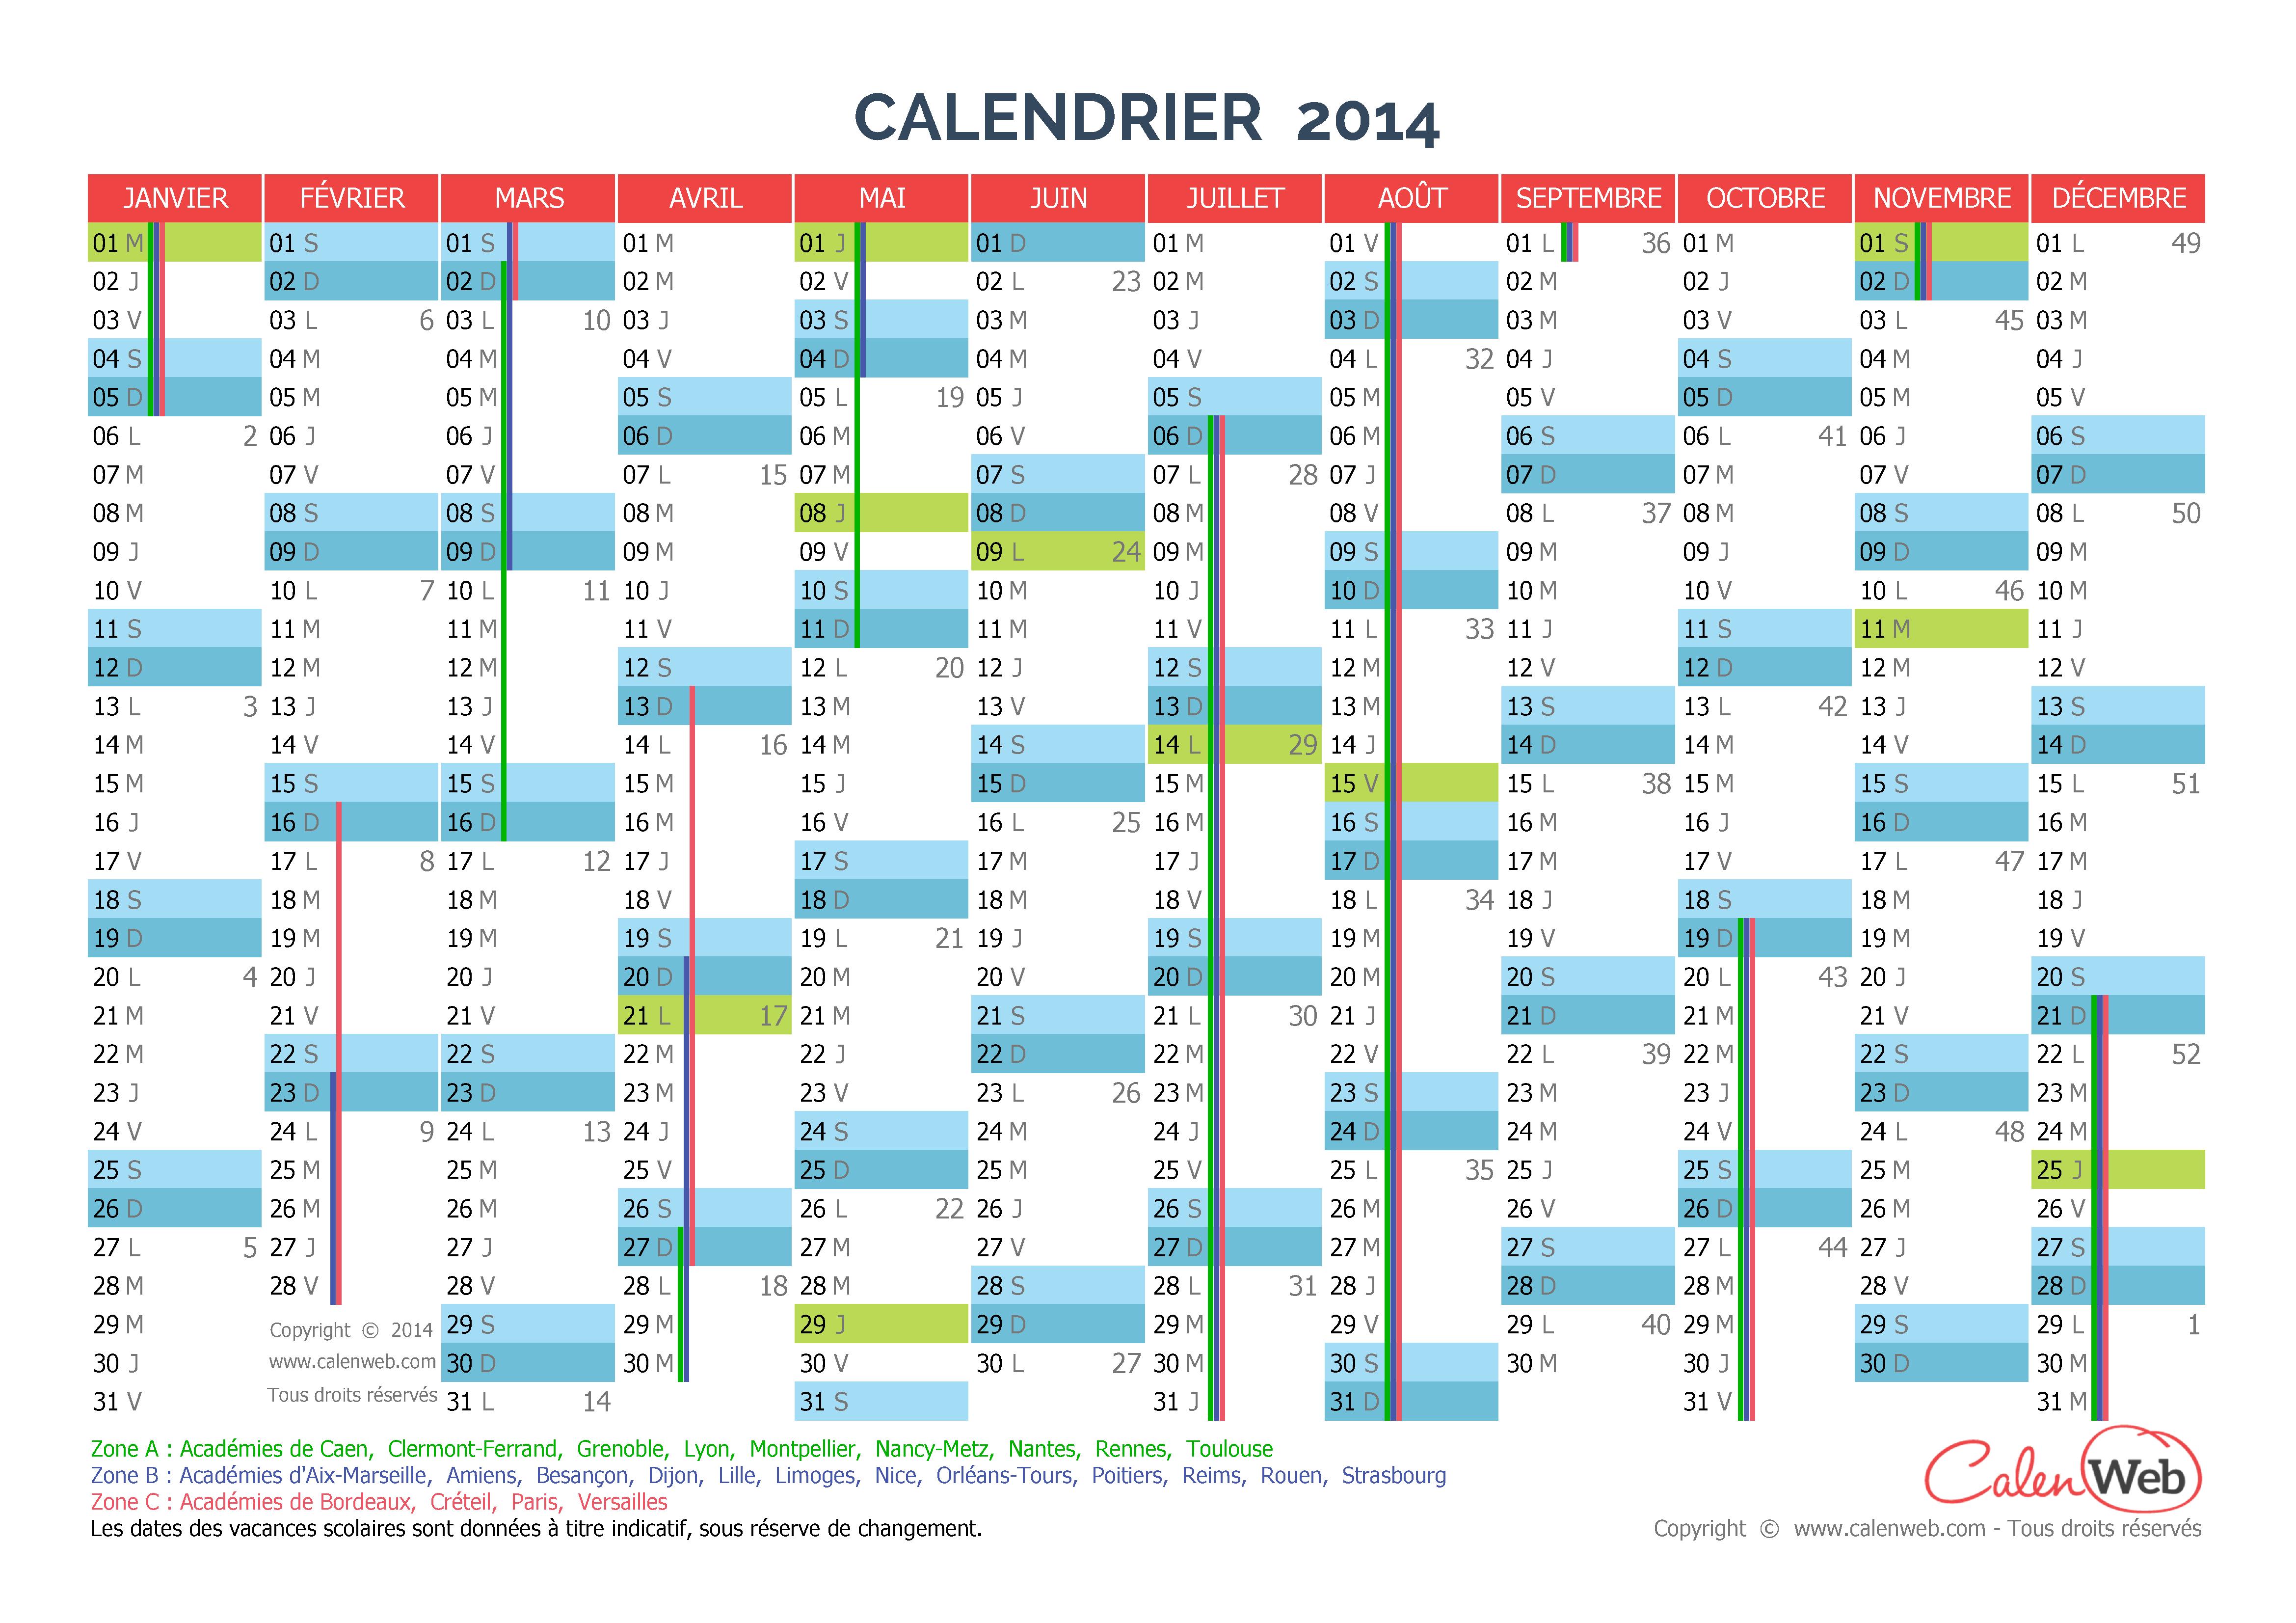 Calendrier annuel 2014 avec les jours fériés et les vacances scolaires